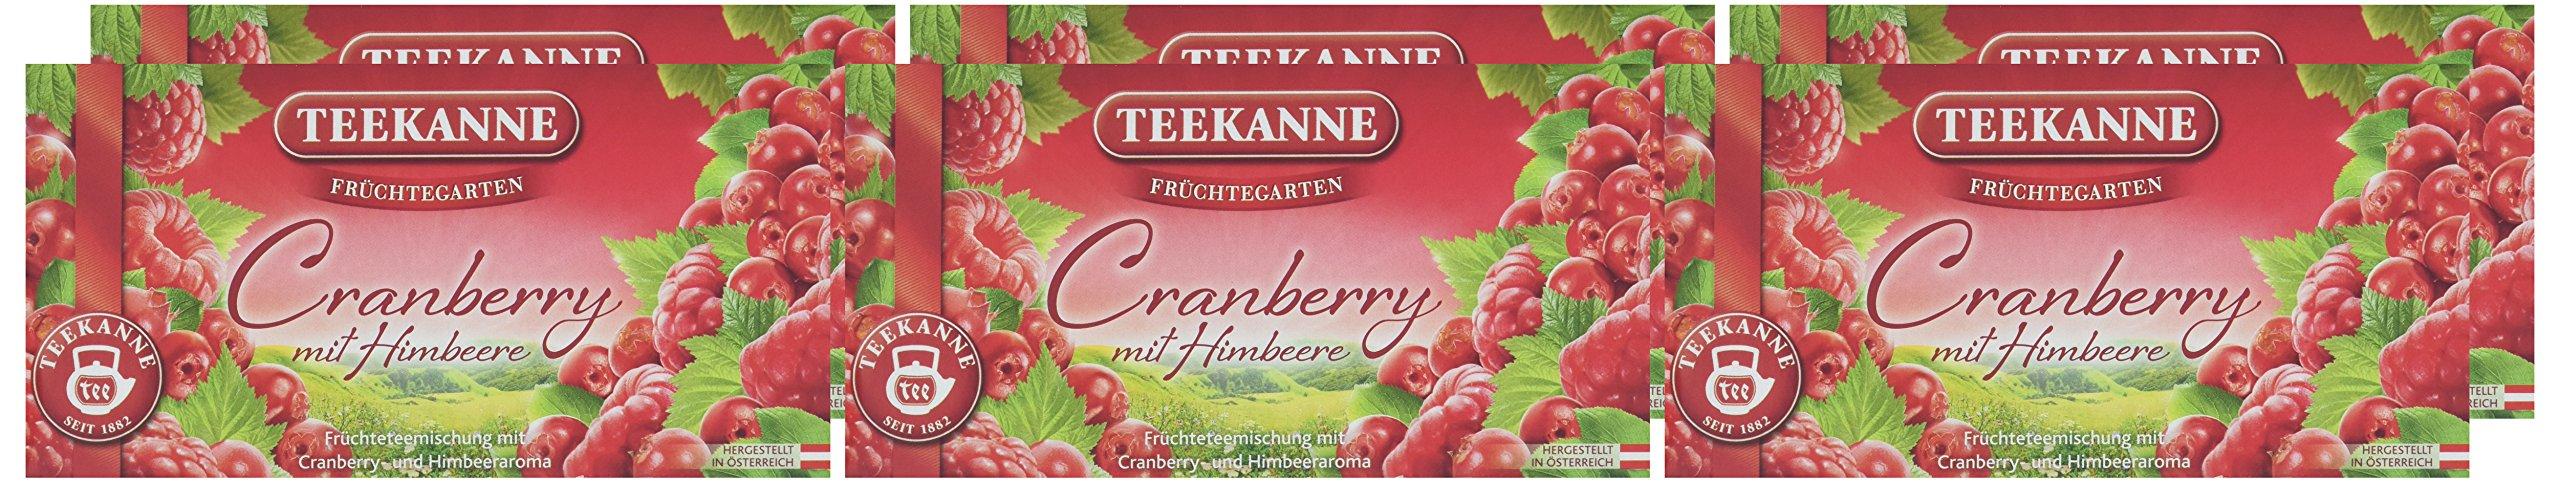 Teekanne-Frchtegarten-Cranberry-mit-Himbeere-20-Beutel-6er-Pack-6-x-60-g